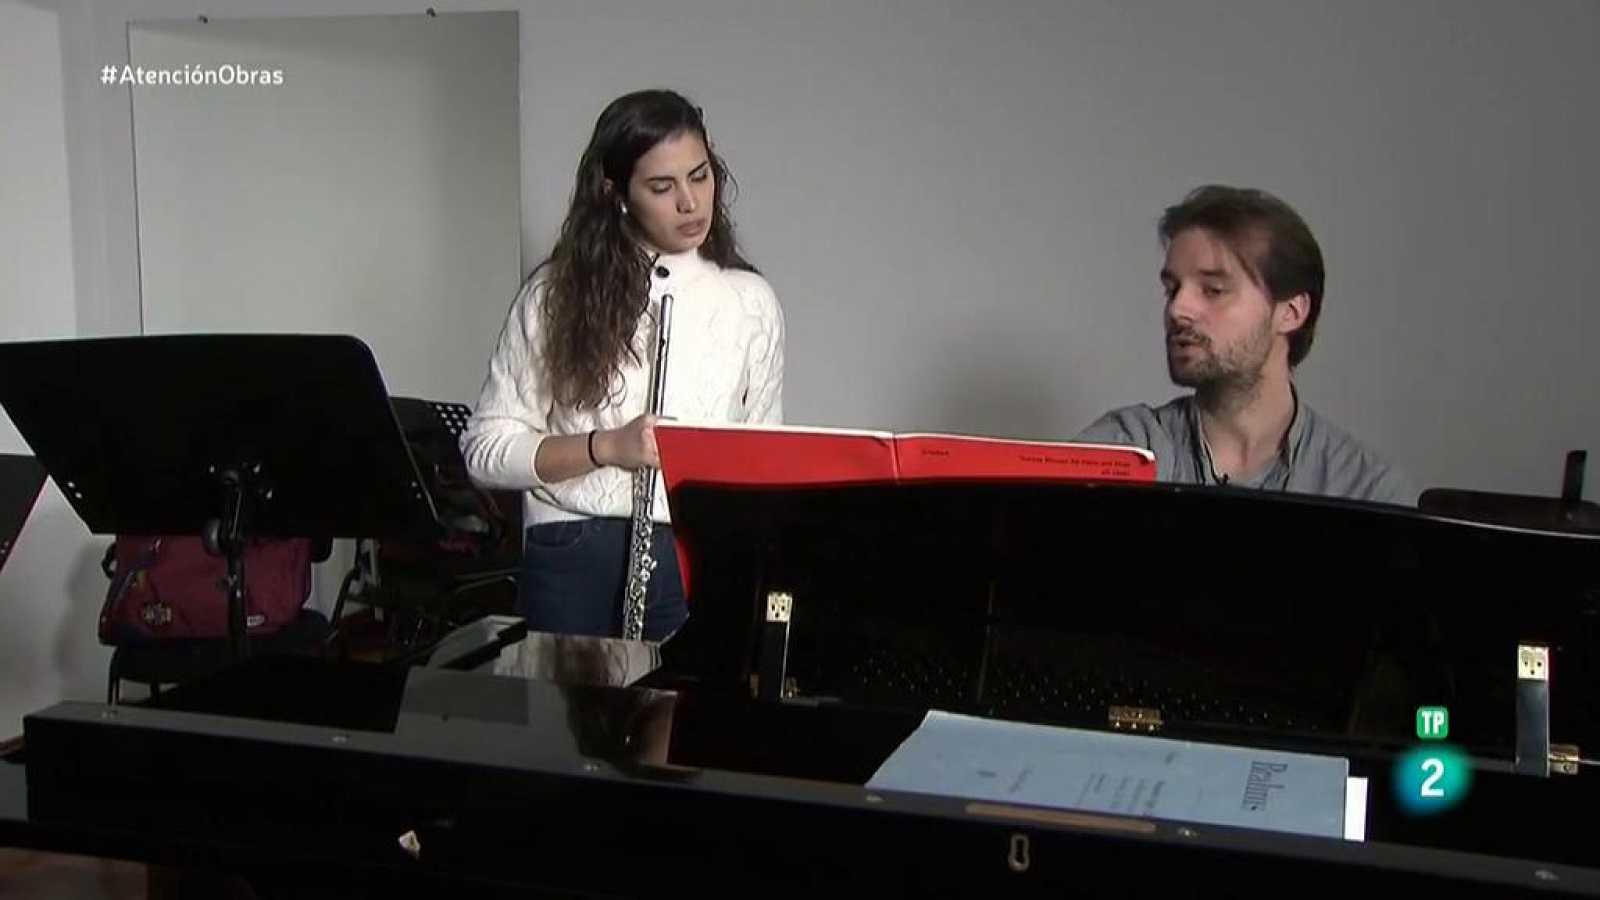 Atención obras - Escuela de Música Reina Sofía